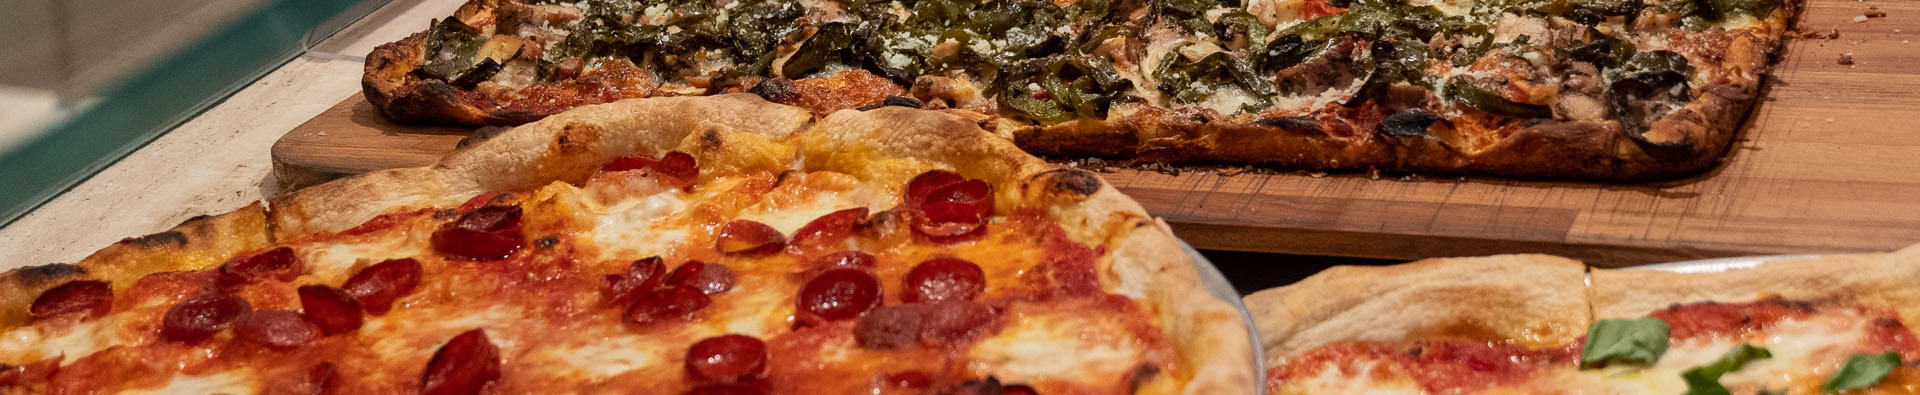 Filaga Pizzeria - Menu